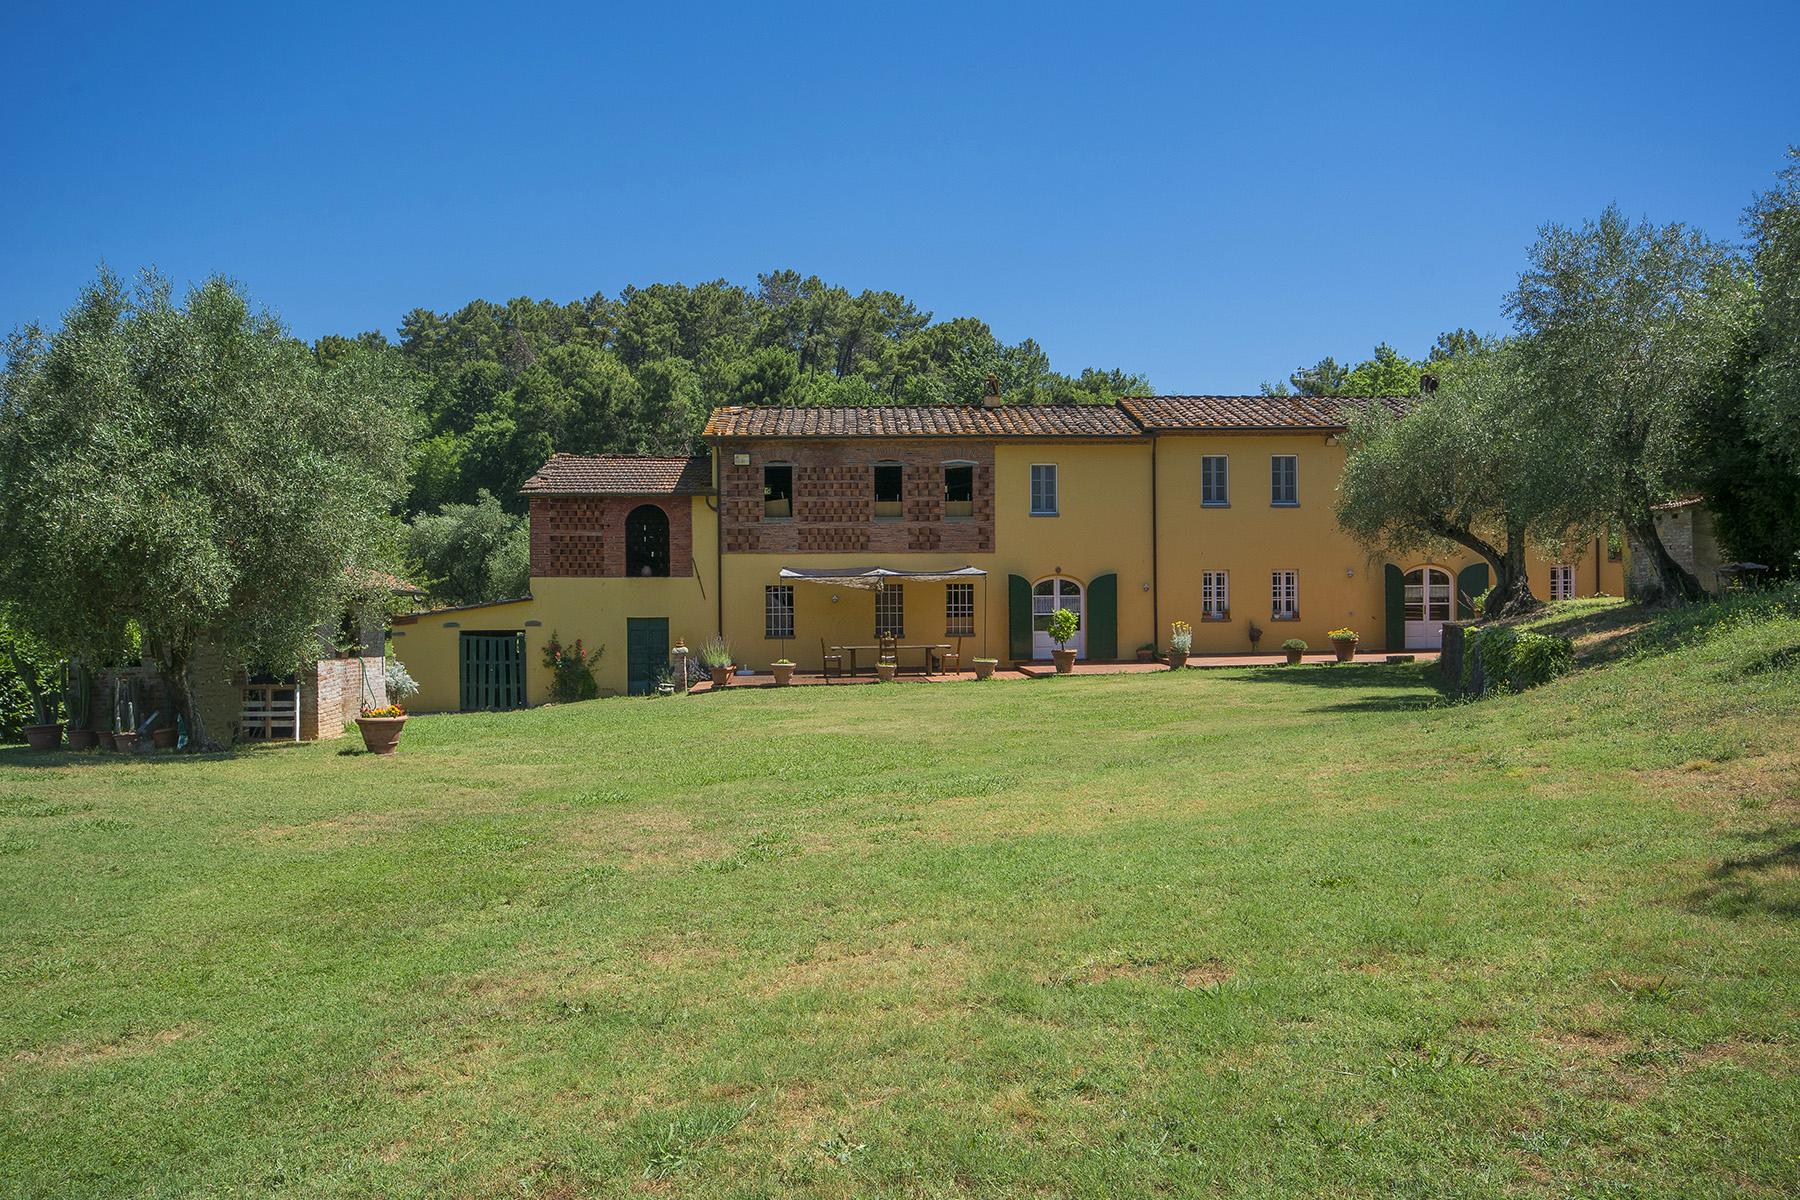 Rustico in Vendita a Capannori:  5 locali, 400 mq  - Foto 1